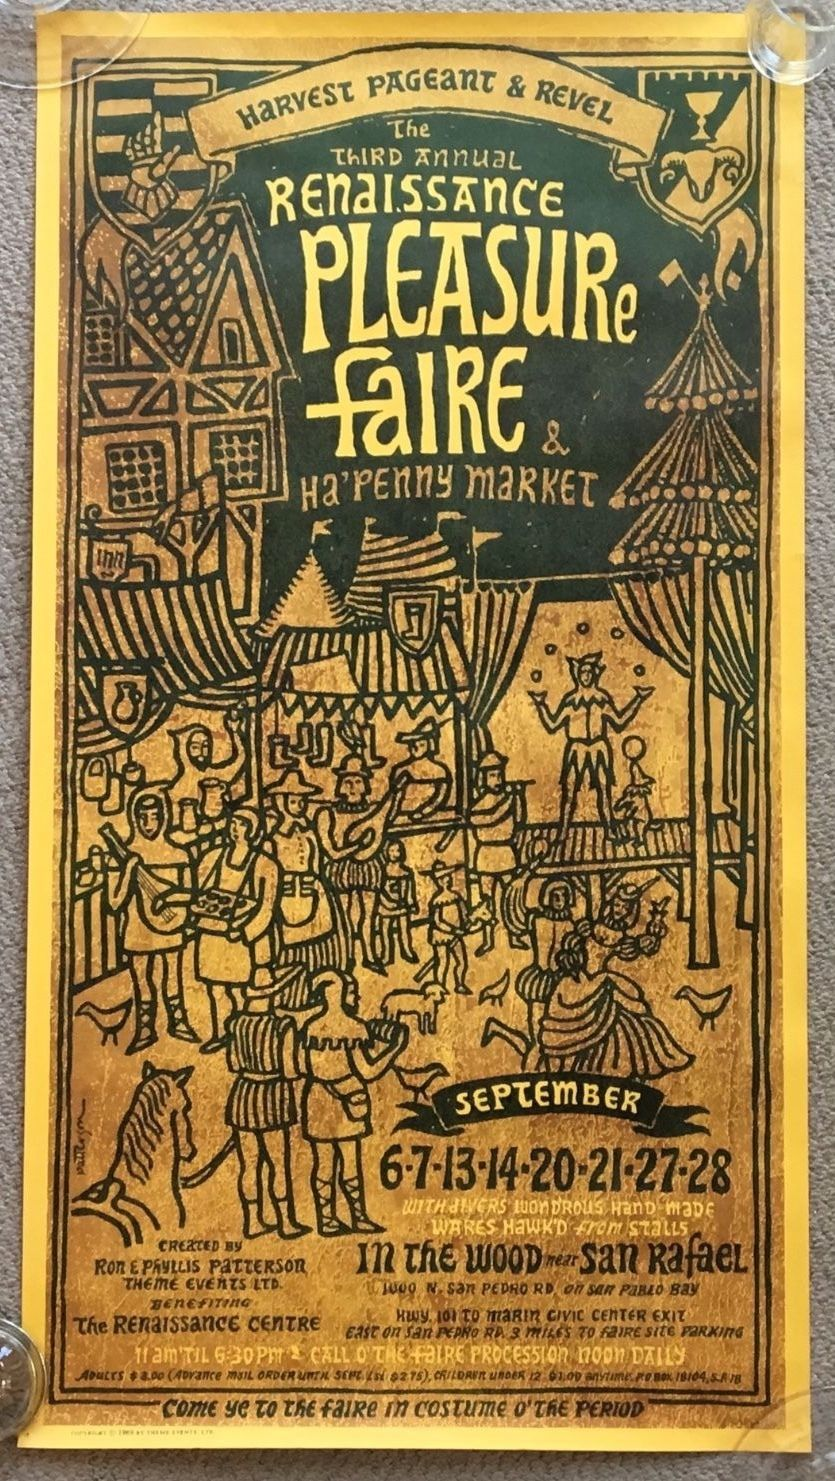 The Third Annual Renaissance Pleasure Faire Poster, 1969